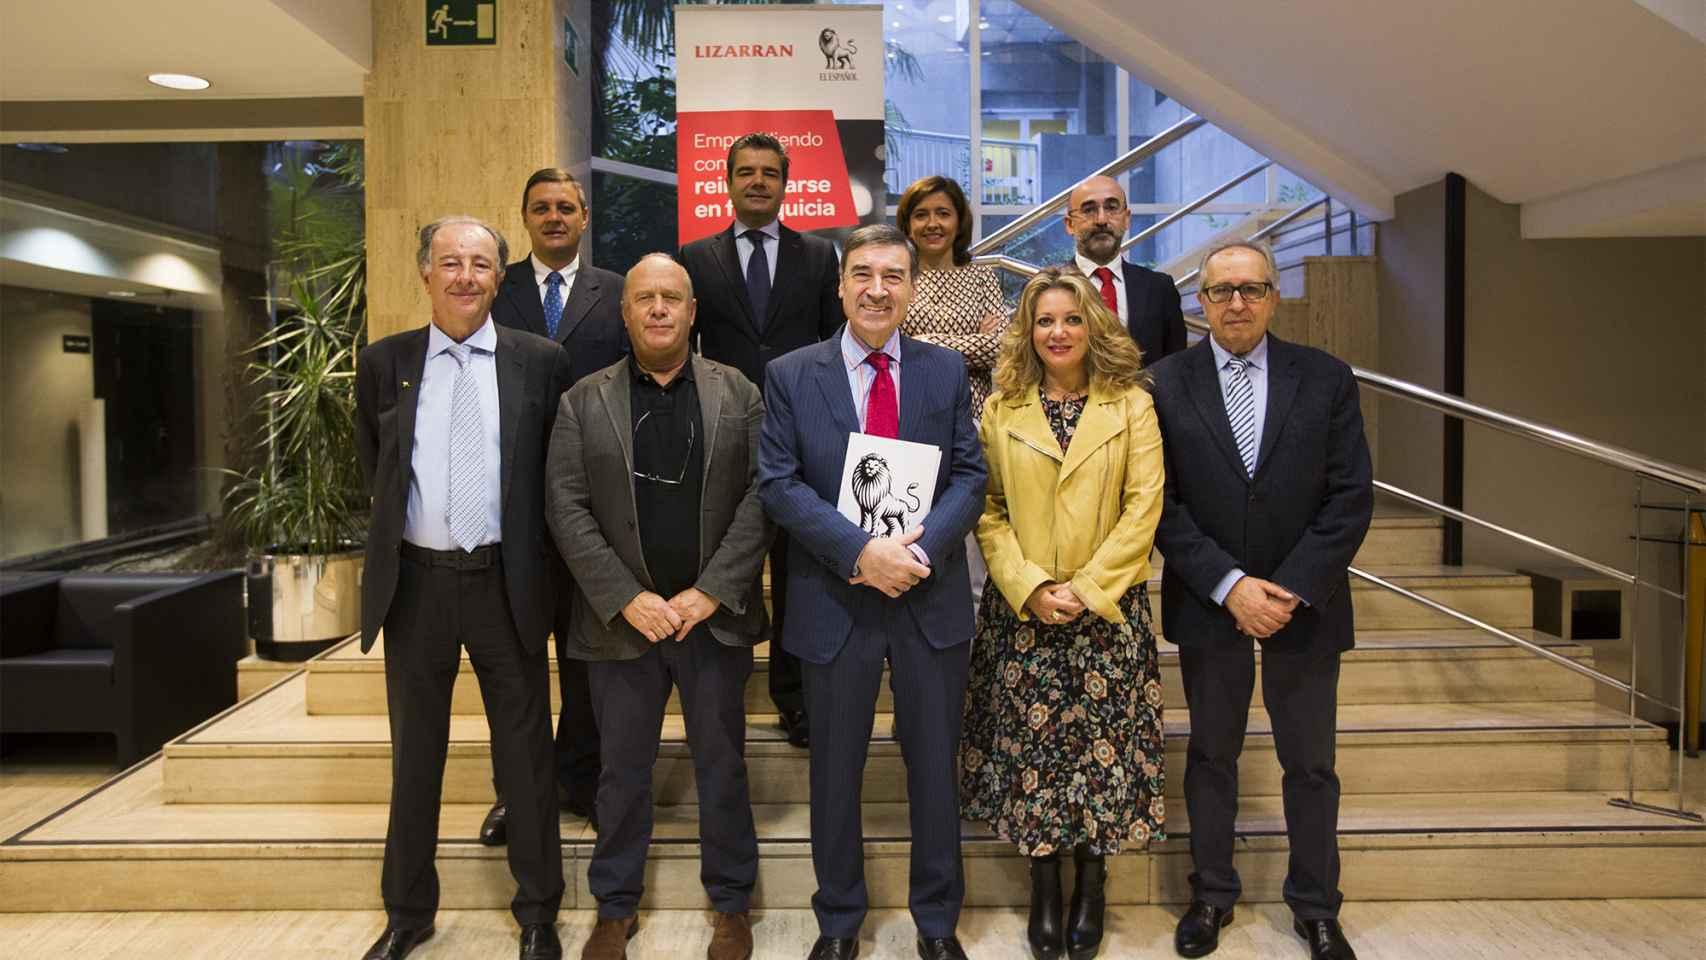 Encuentro Lizarran-El Español: Emprendiendo con éxito, reinventarse en franquicia